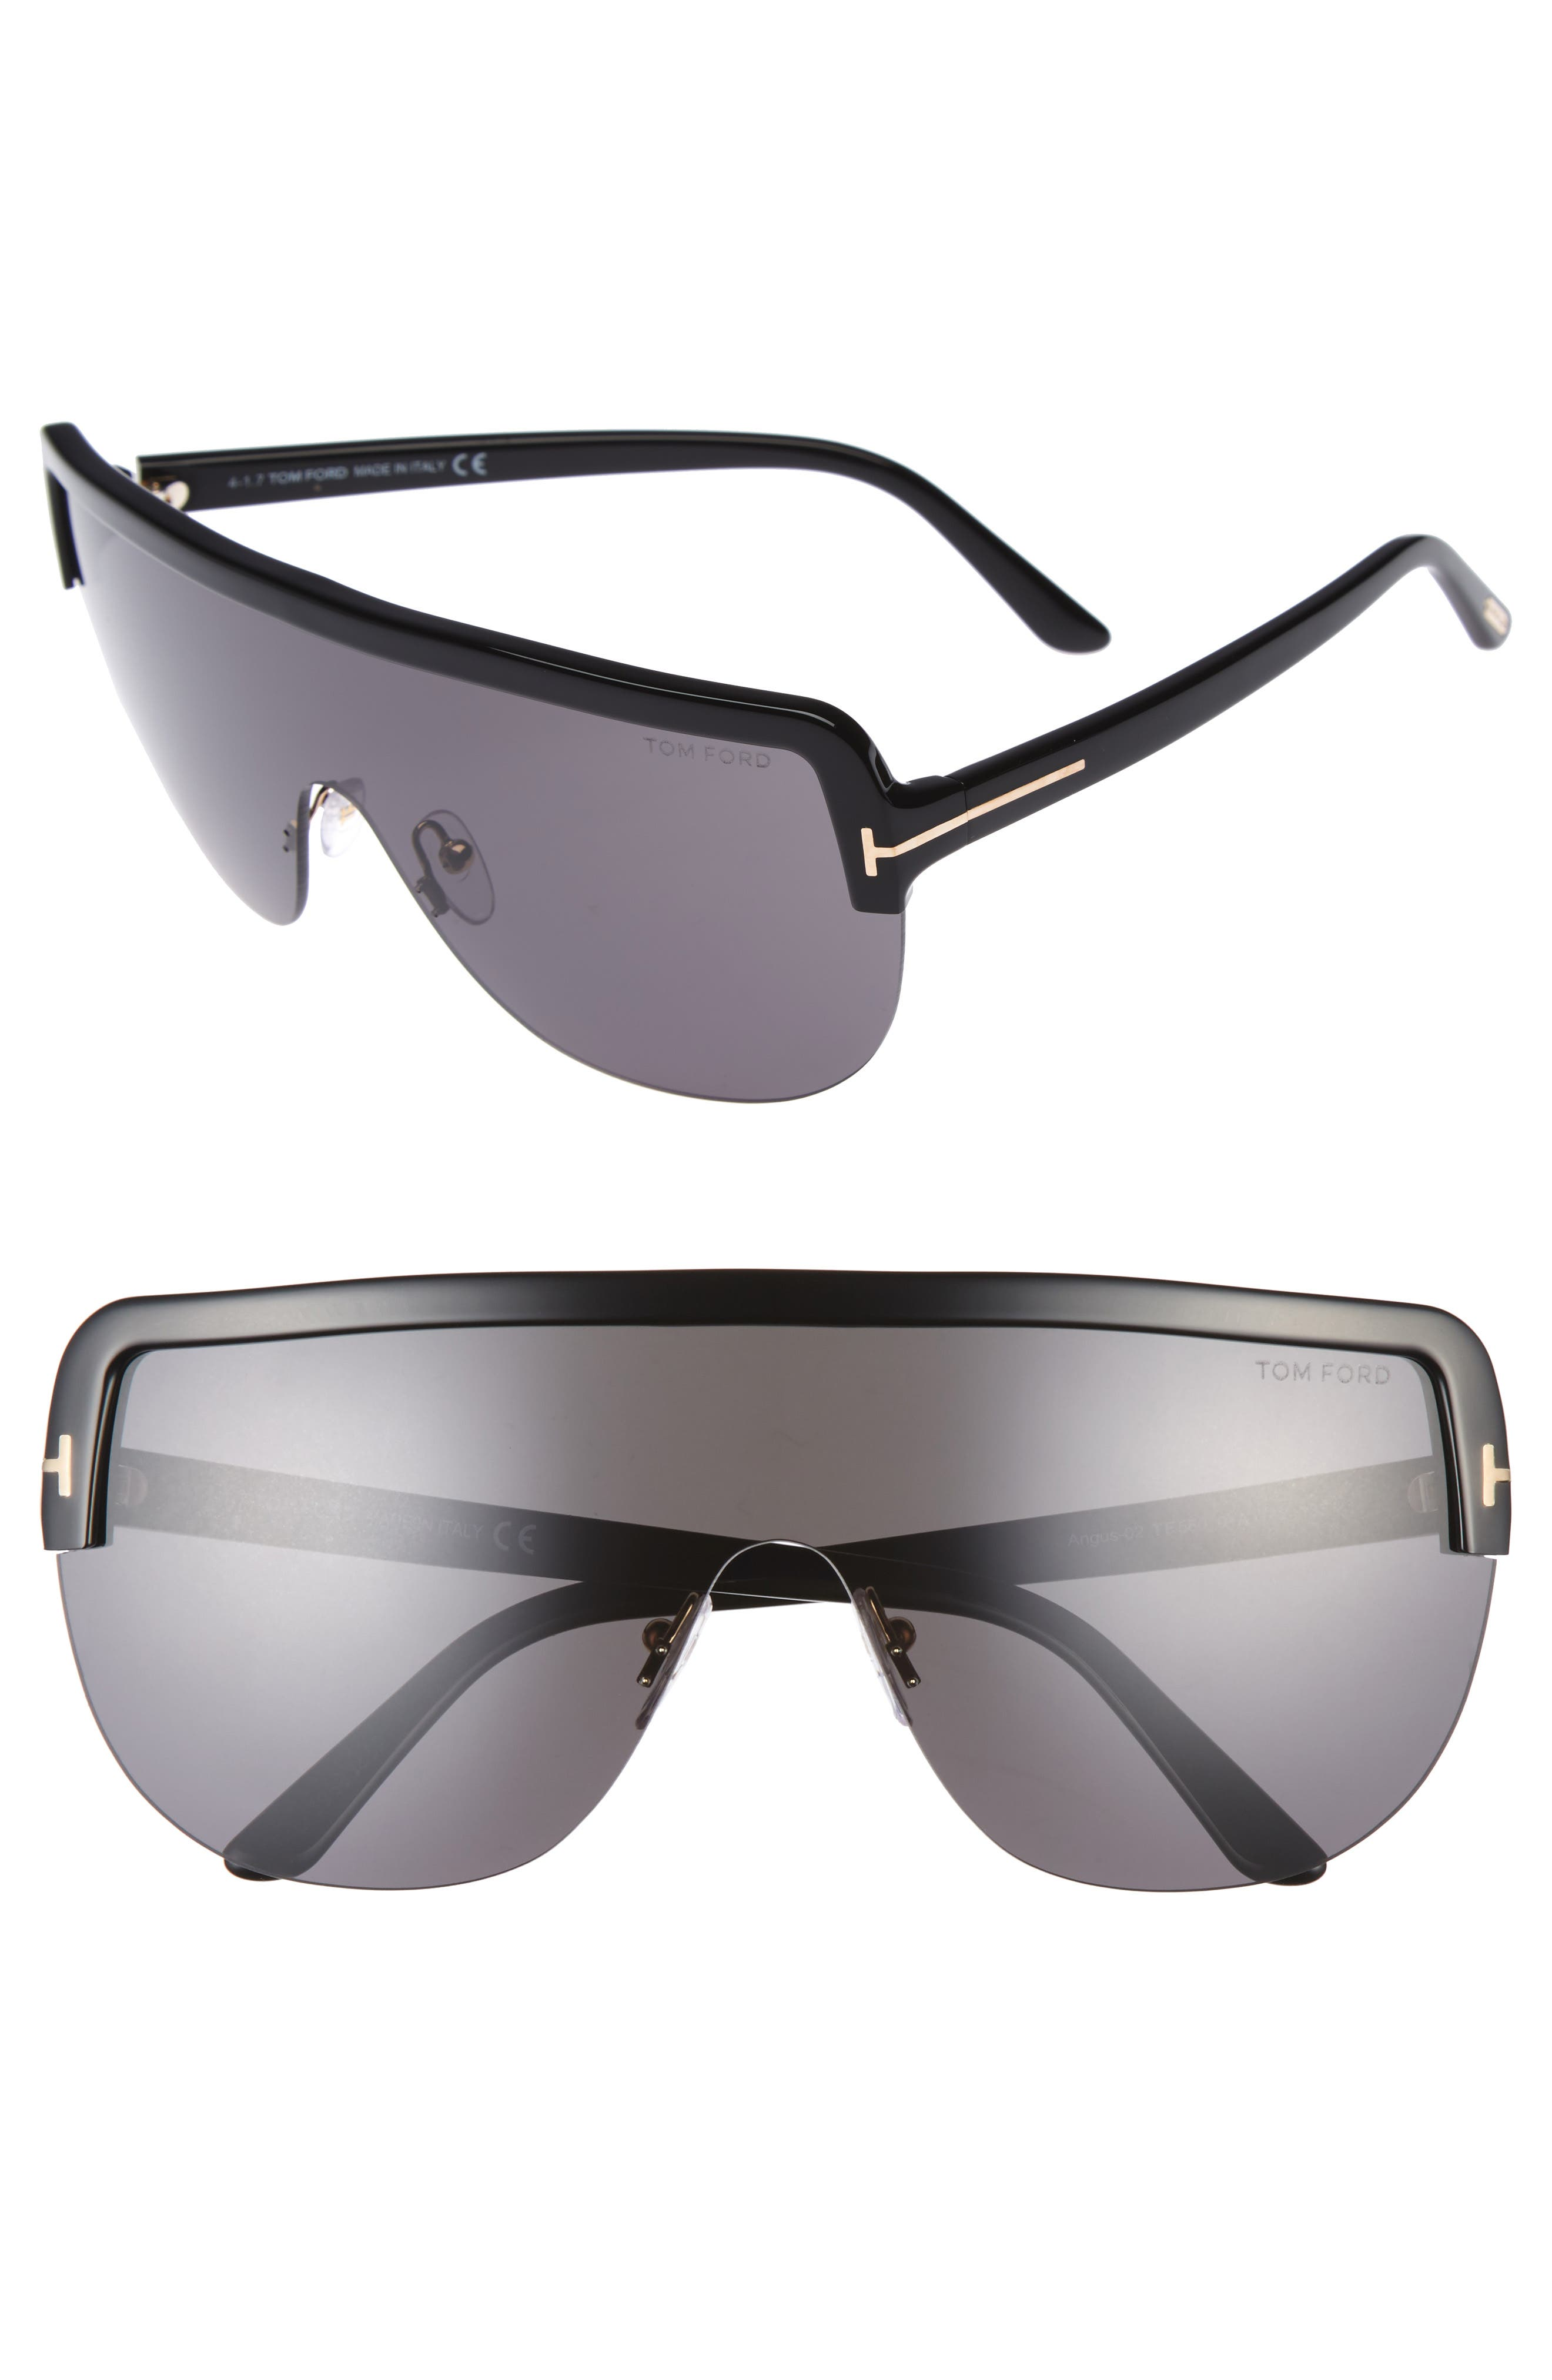 Tom Ford Angus 66mm Shield Sunglasses